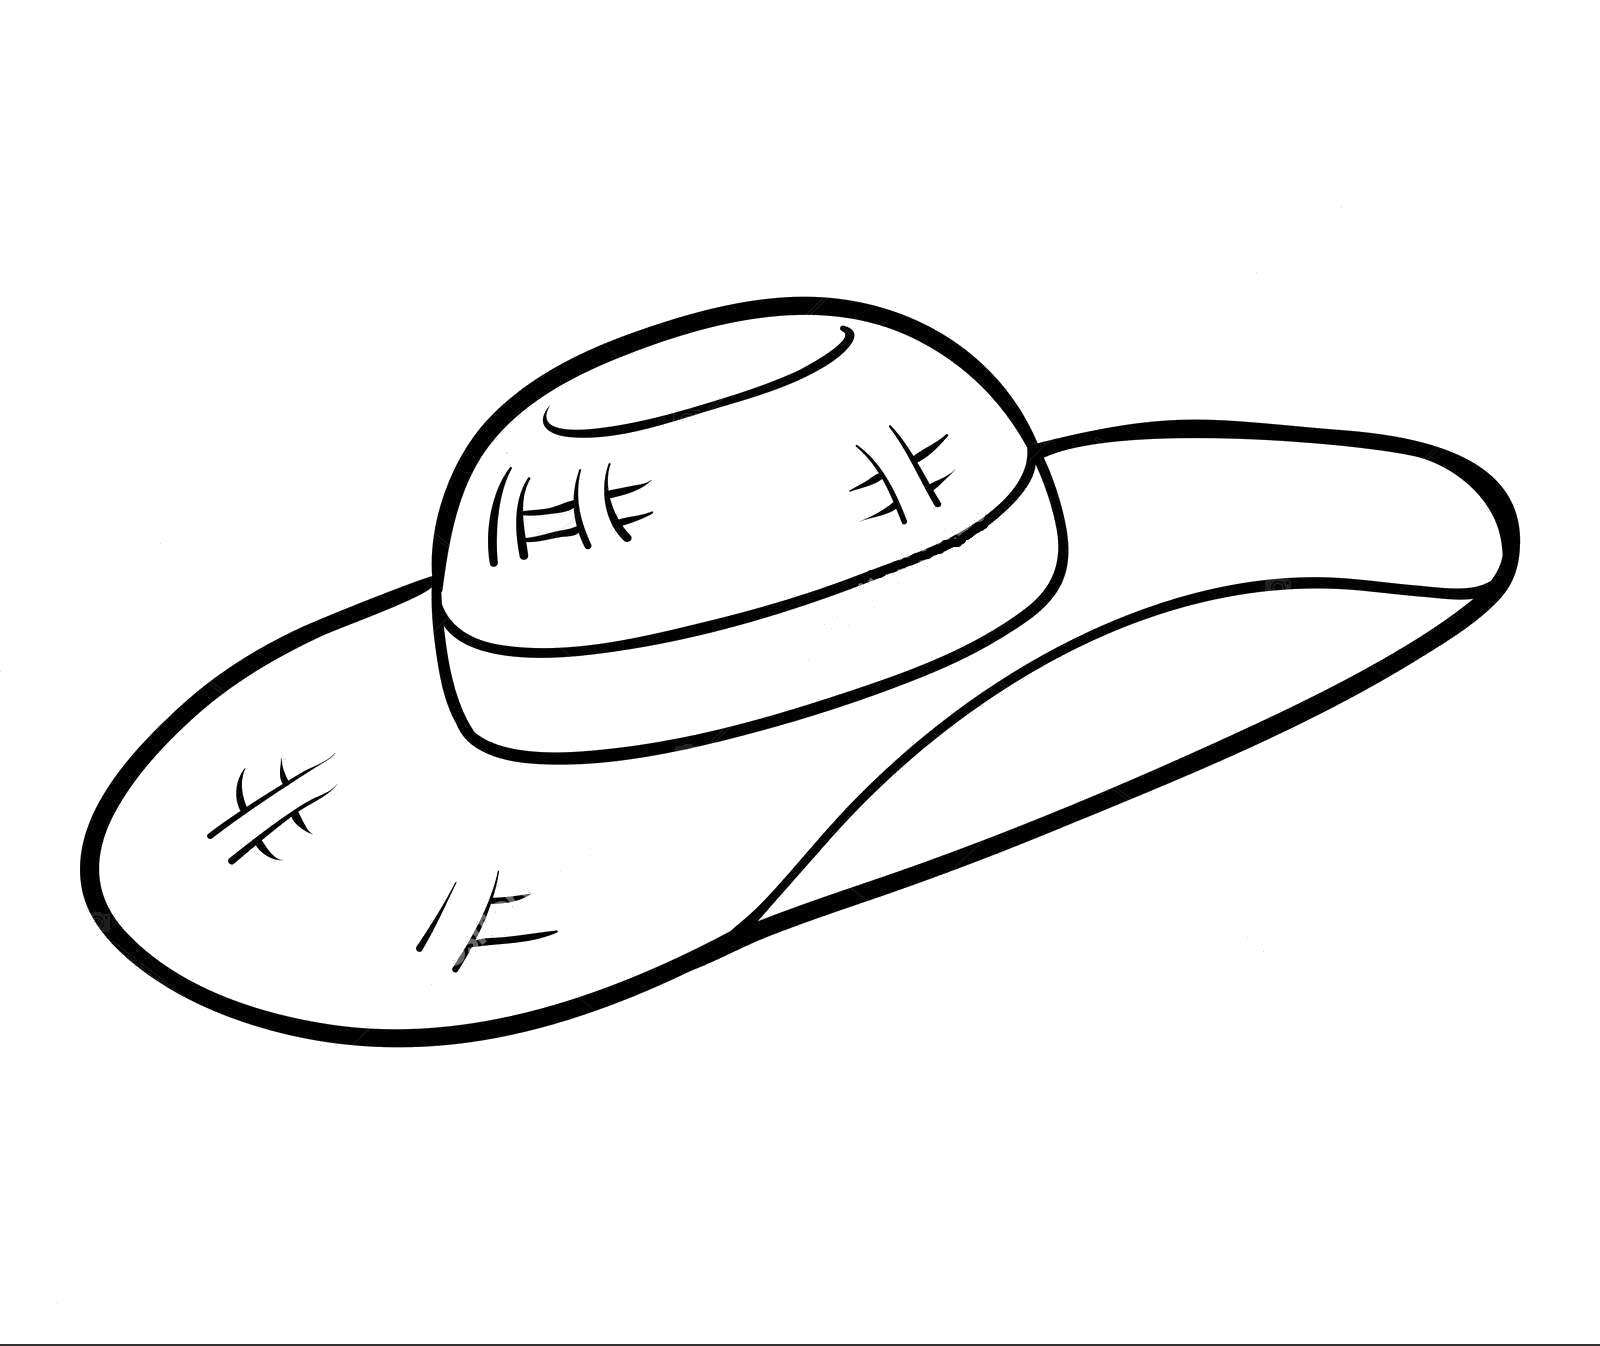 Tranh tô màu mũ nữ rộng vành